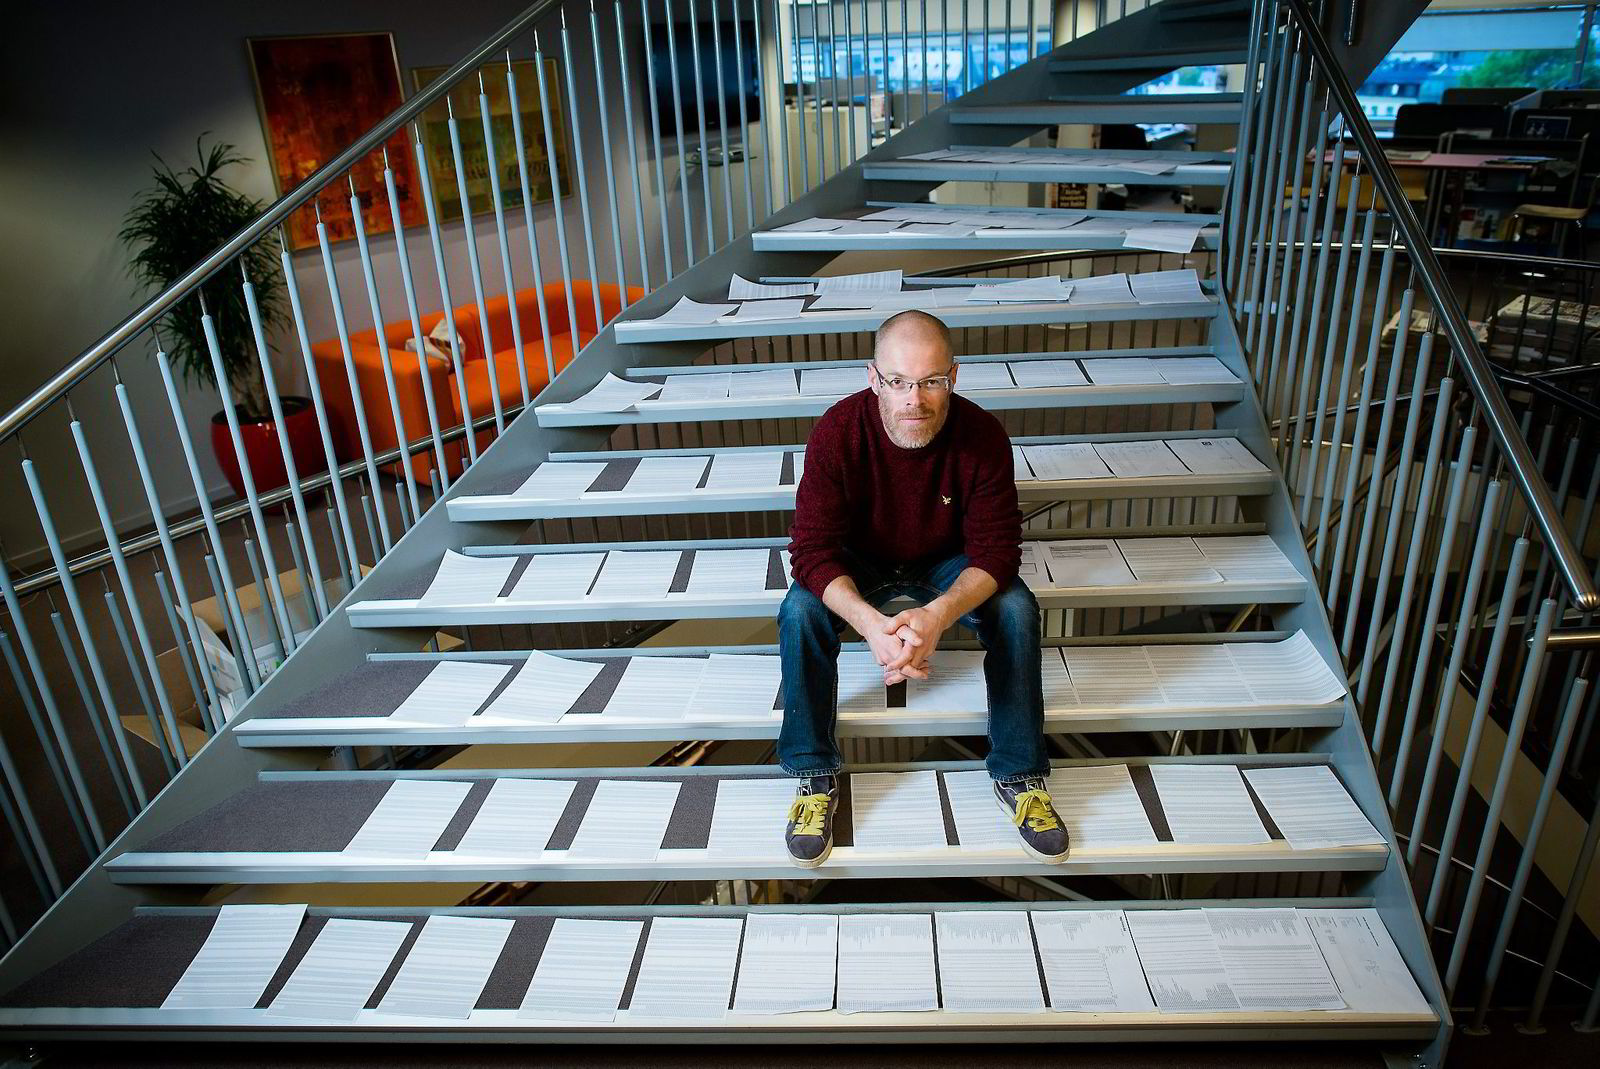 Schibsted har 136.000 opplysninger samlet om DN-journalist Bjørn Eckblad.  Utskriftene dekker mange trappetrinn,